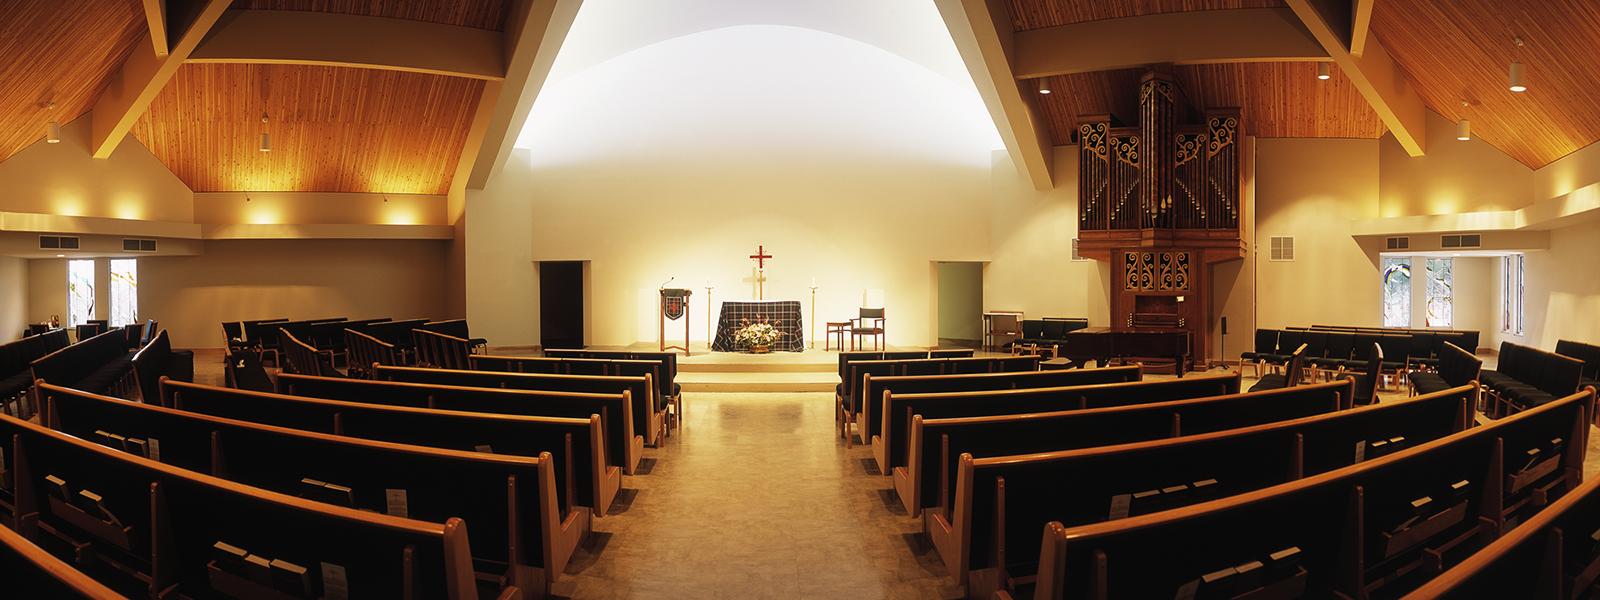 St. Margaret's Episcopal Church - Bellevue, Washington